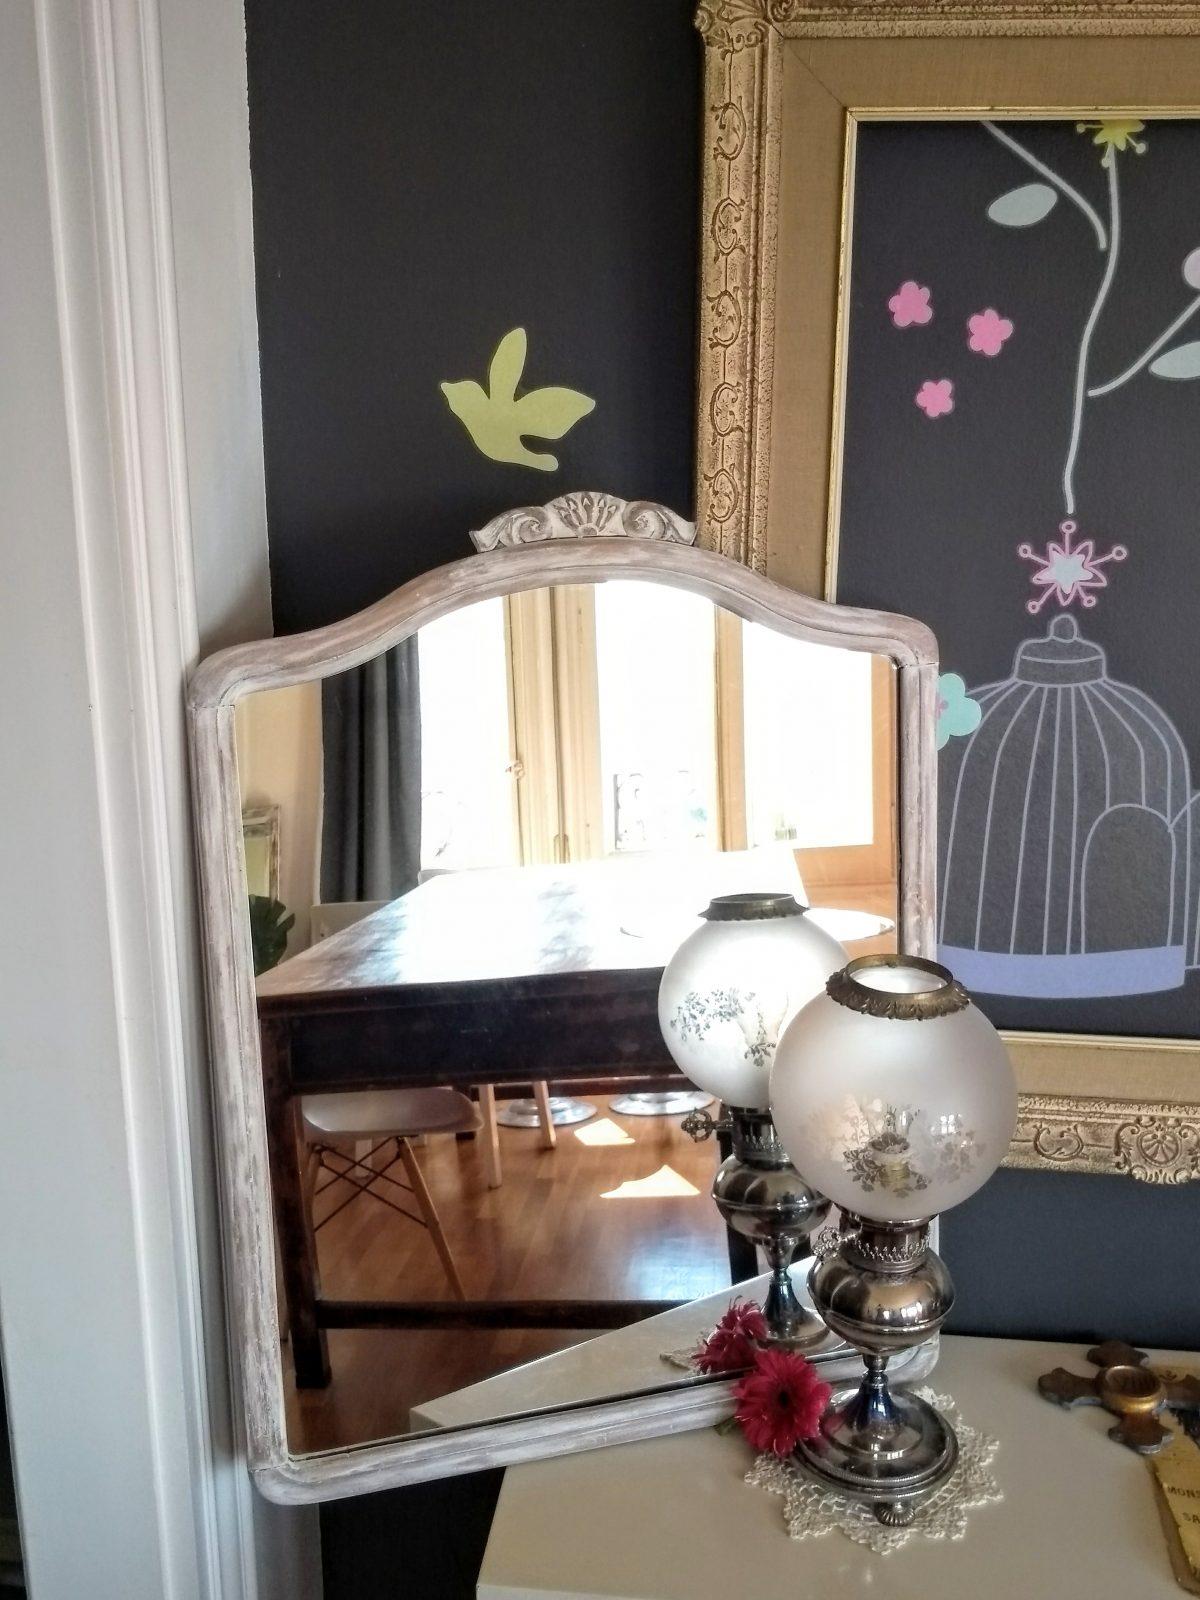 Espejo antiguo Rincón Vintage